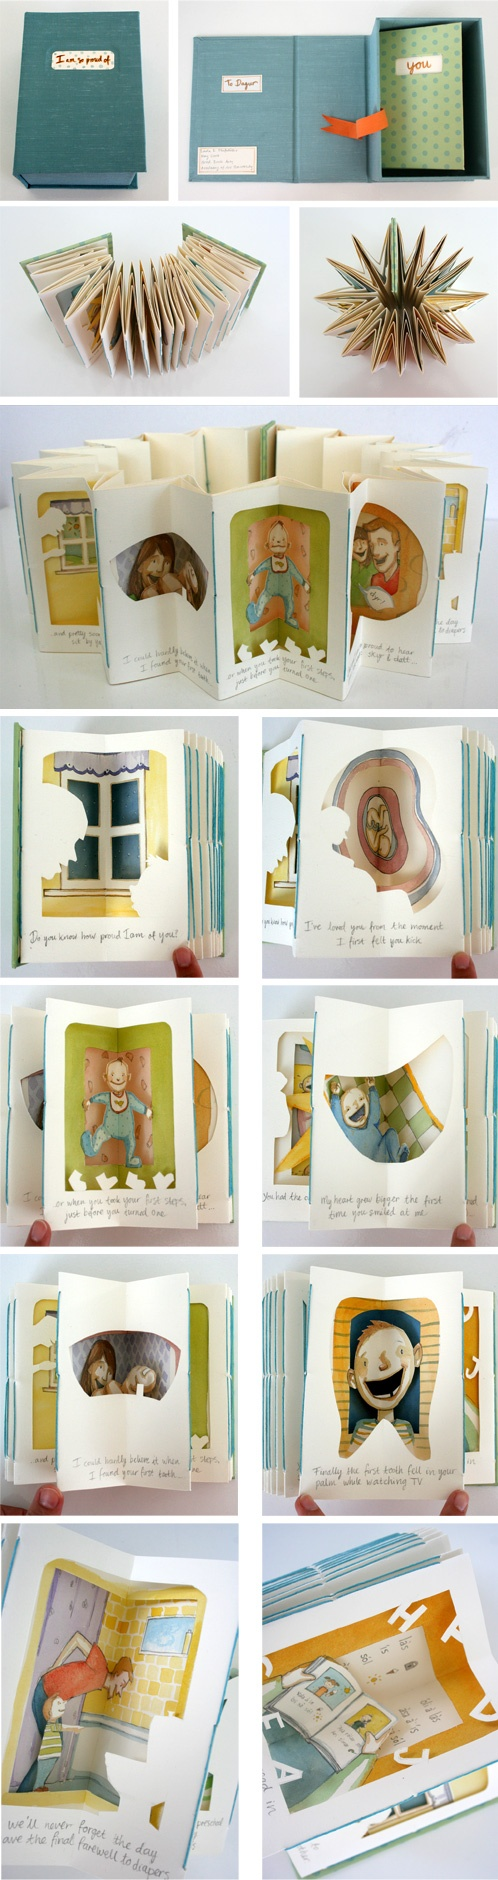 Carousel Book by Linda Olafsdottir